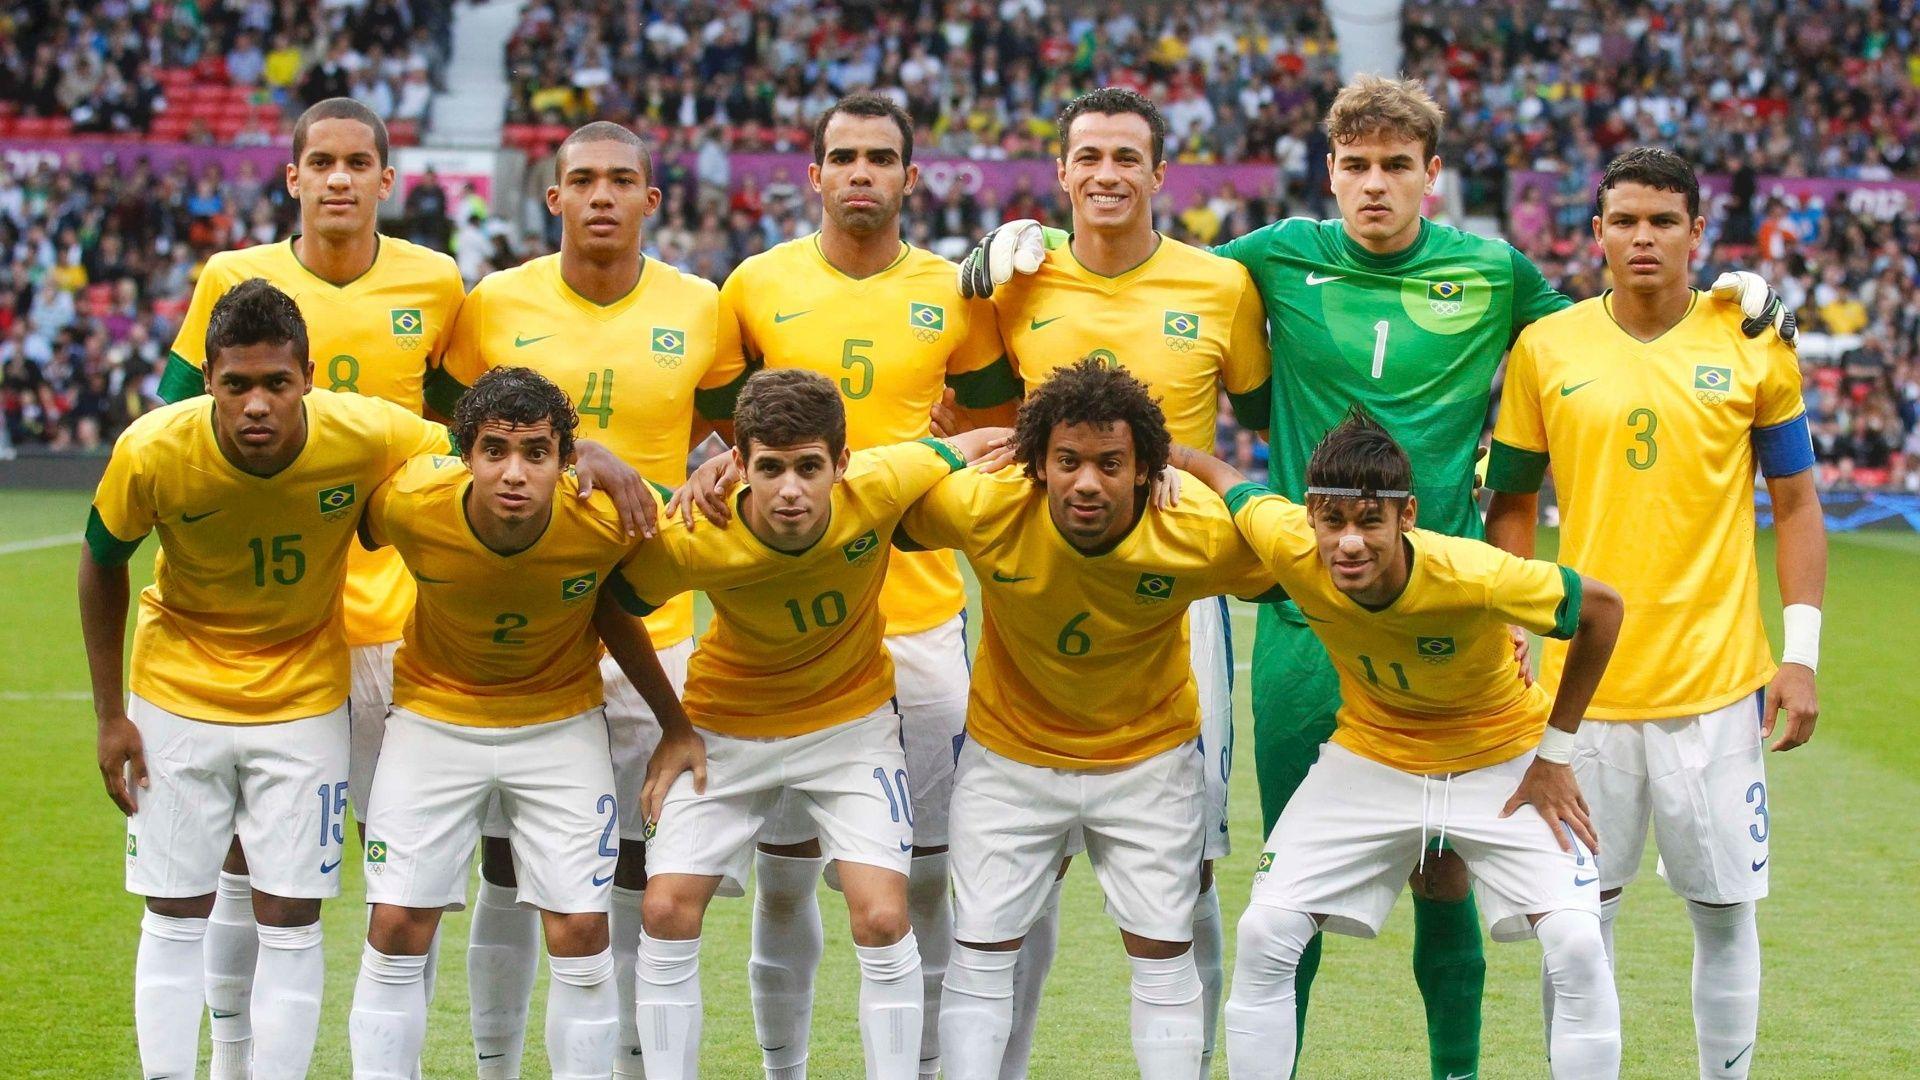 Medalha De Prata Conquistada Pela Seleção Brasileira De Futebol Masculi Futebol Masculino Seleção Brasileira De Futebol Seleção Brasileira De Futebol Masculino